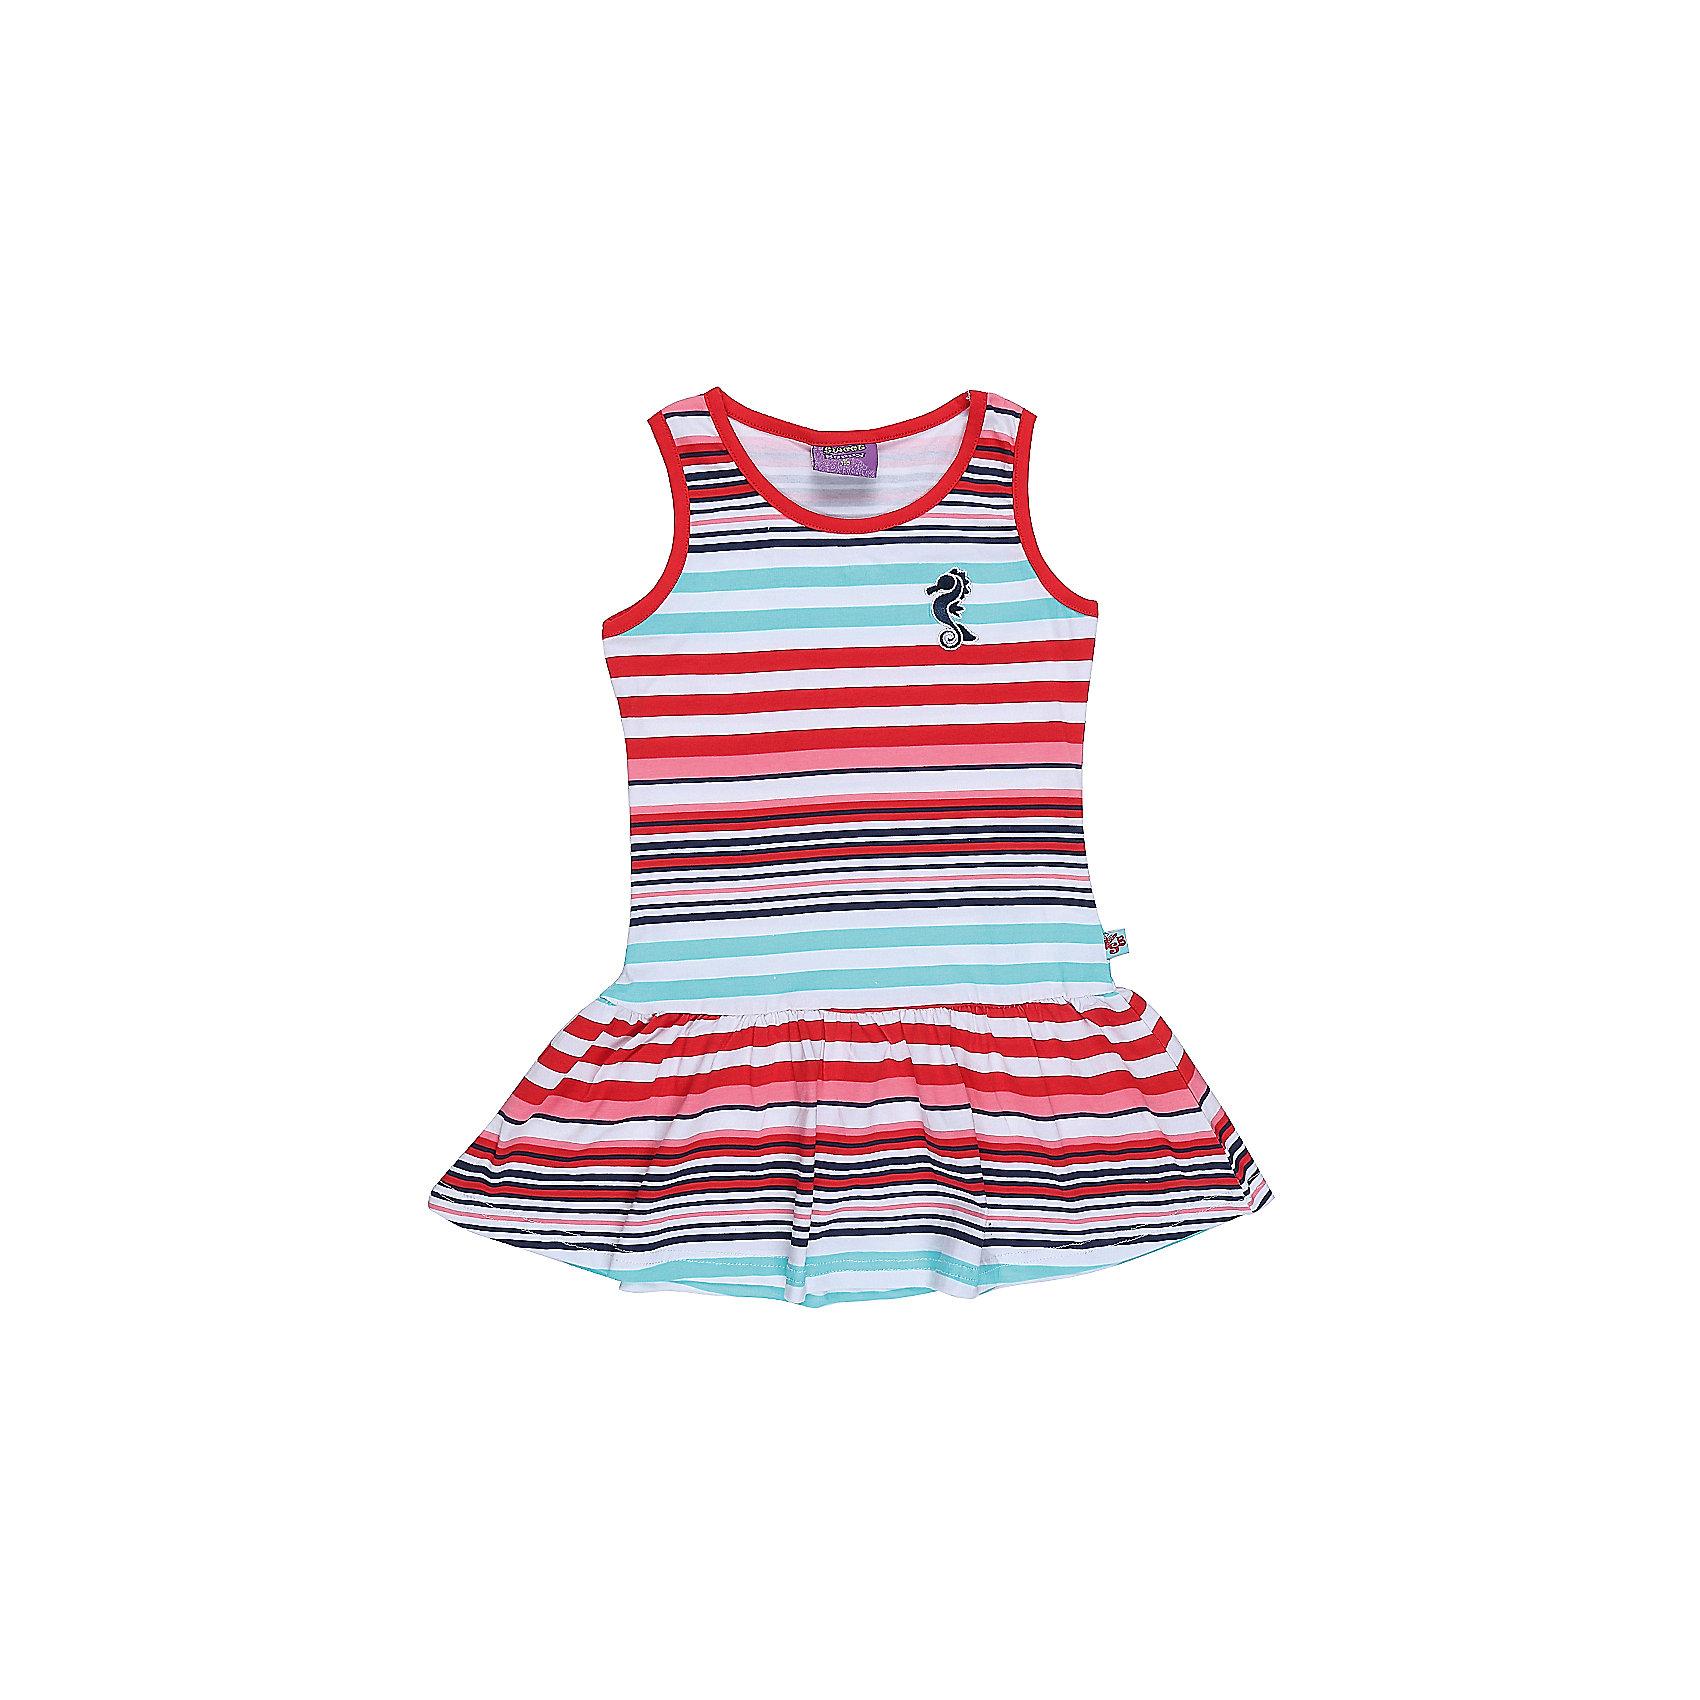 Платье для девочки Sweet BerryПлатья и сарафаны<br>Трикотажное платье для девочки без рукавов в полоску. Декрированно вышивкой.<br>Состав:<br>95%хлопок 5%эластан<br><br>Ширина мм: 236<br>Глубина мм: 16<br>Высота мм: 184<br>Вес г: 177<br>Цвет: разноцветный<br>Возраст от месяцев: 36<br>Возраст до месяцев: 48<br>Пол: Женский<br>Возраст: Детский<br>Размер: 104,98,110,116,122,128<br>SKU: 5411929